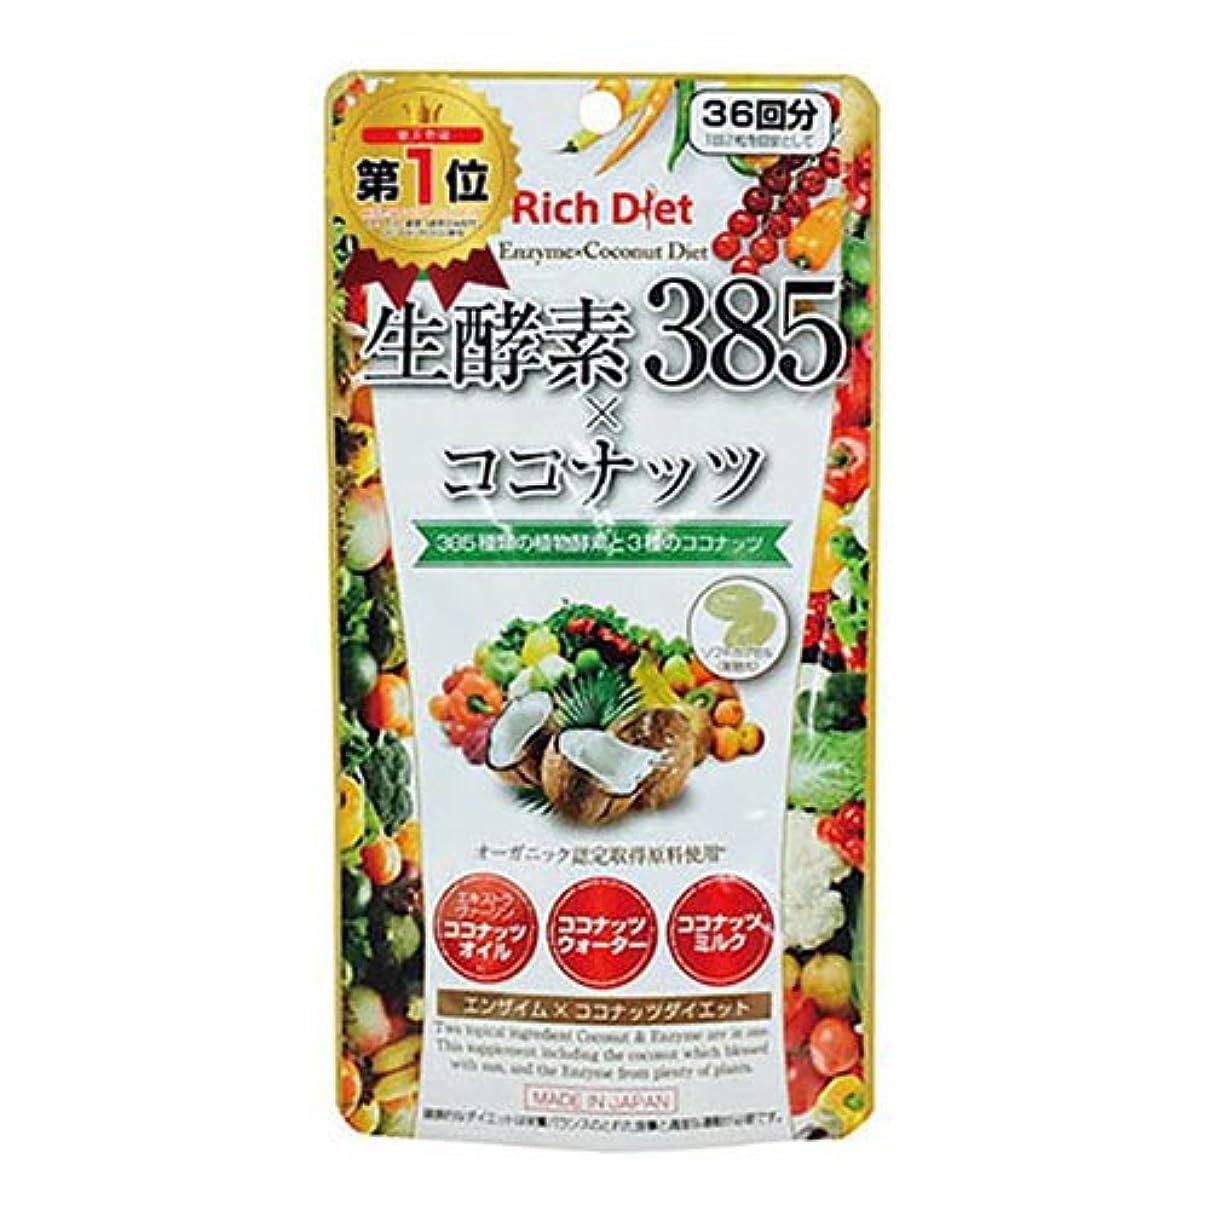 ばか盲信勝利Rich Diet 生酵素×ココナッツダイエット 72粒